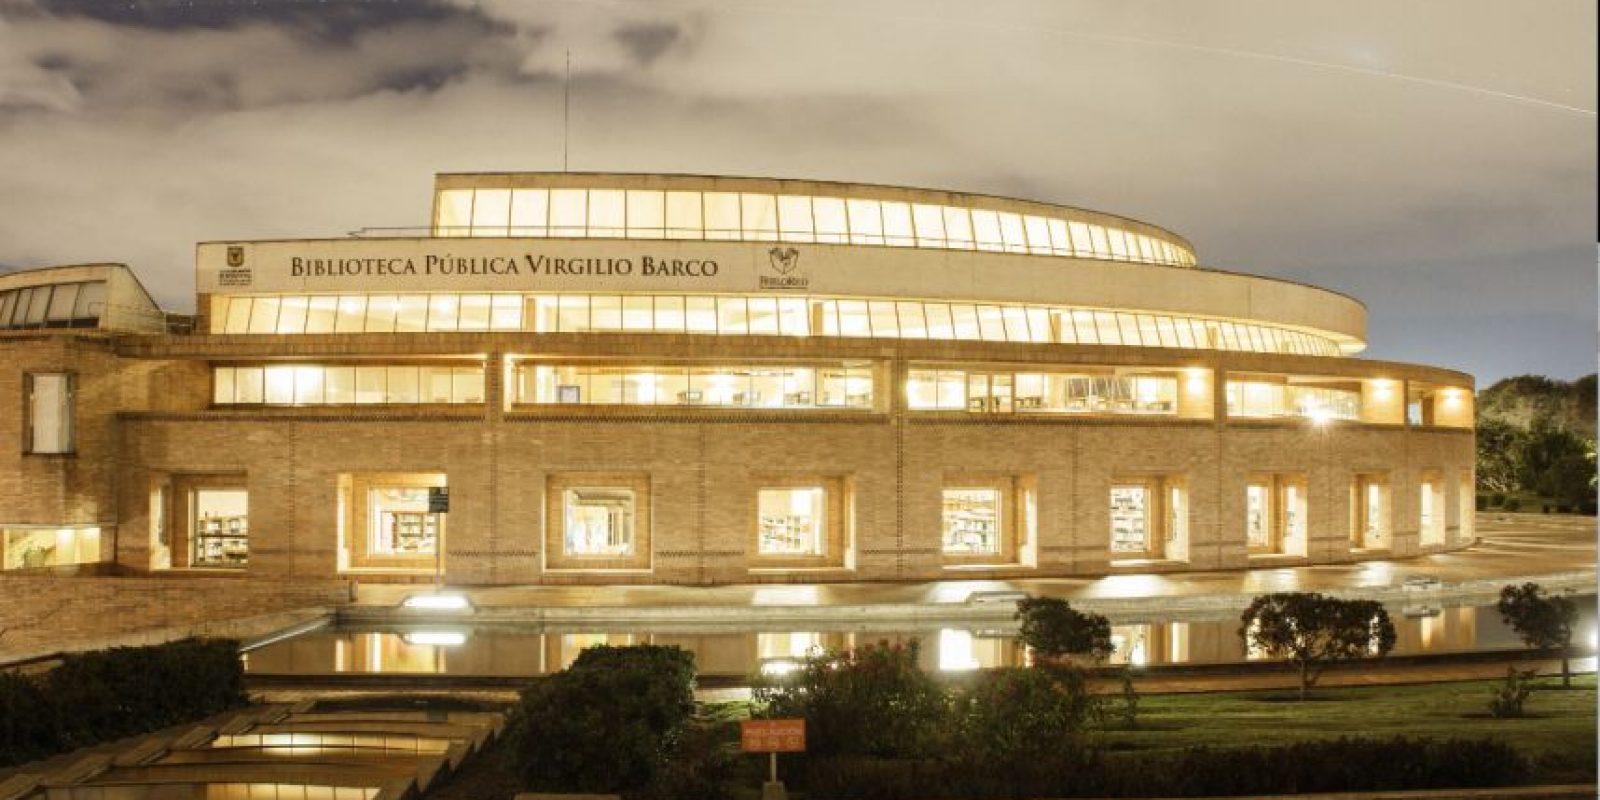 La Biblioteca Pública Virgilio Barco es una de las más emblemáticas de la ciudad Foto:Juan Pablo Pino- Publimetro